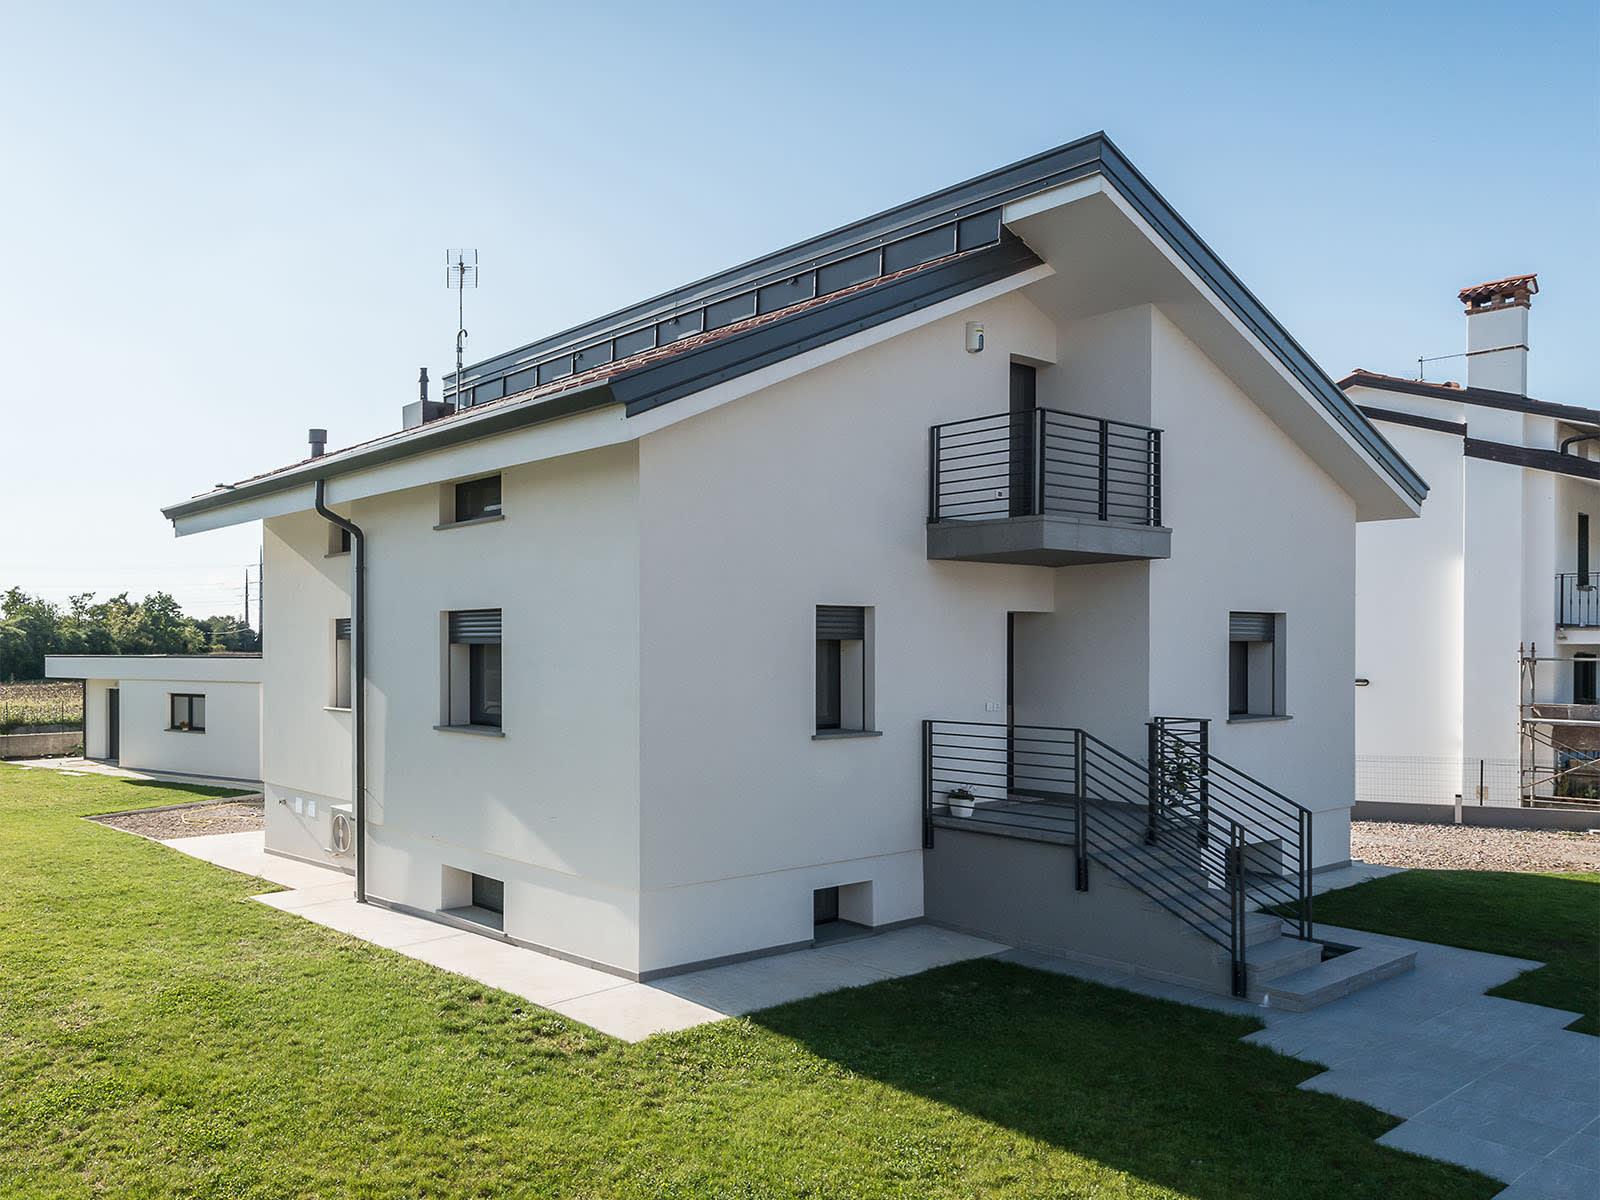 serramenti in triplo vetro e nuovi impianti per il risparmio energetico